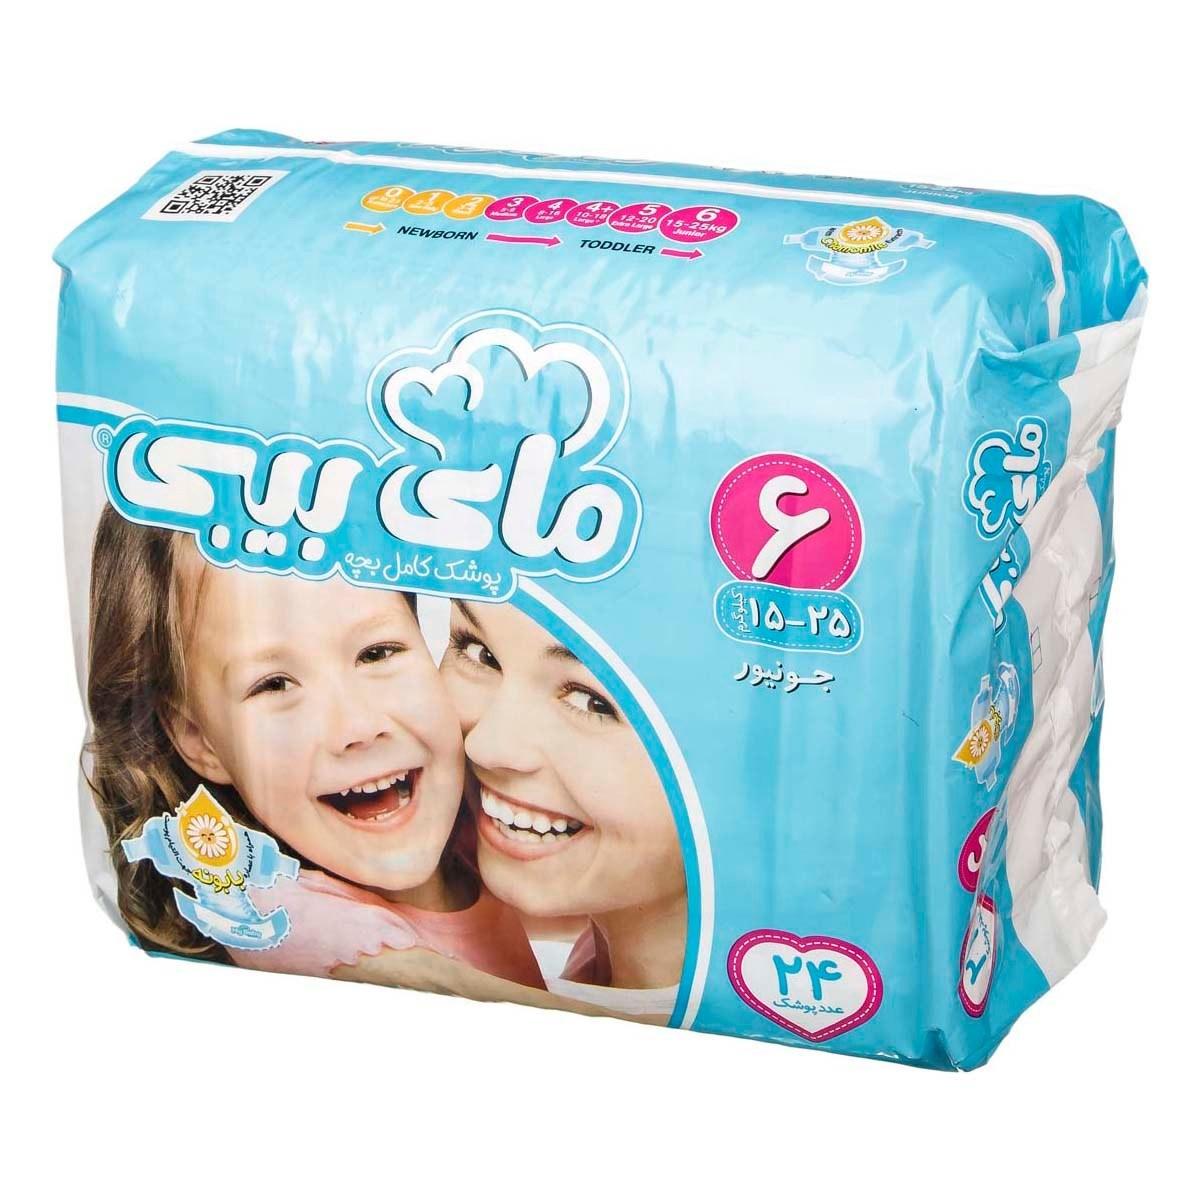 پوشک کامل بچه مای بیبی همراه با عصاره بابونه سایز 6 بسته 24 عددی | MyBaby Baby Diapers with Chamomile Extract Size 6 24 Pcs